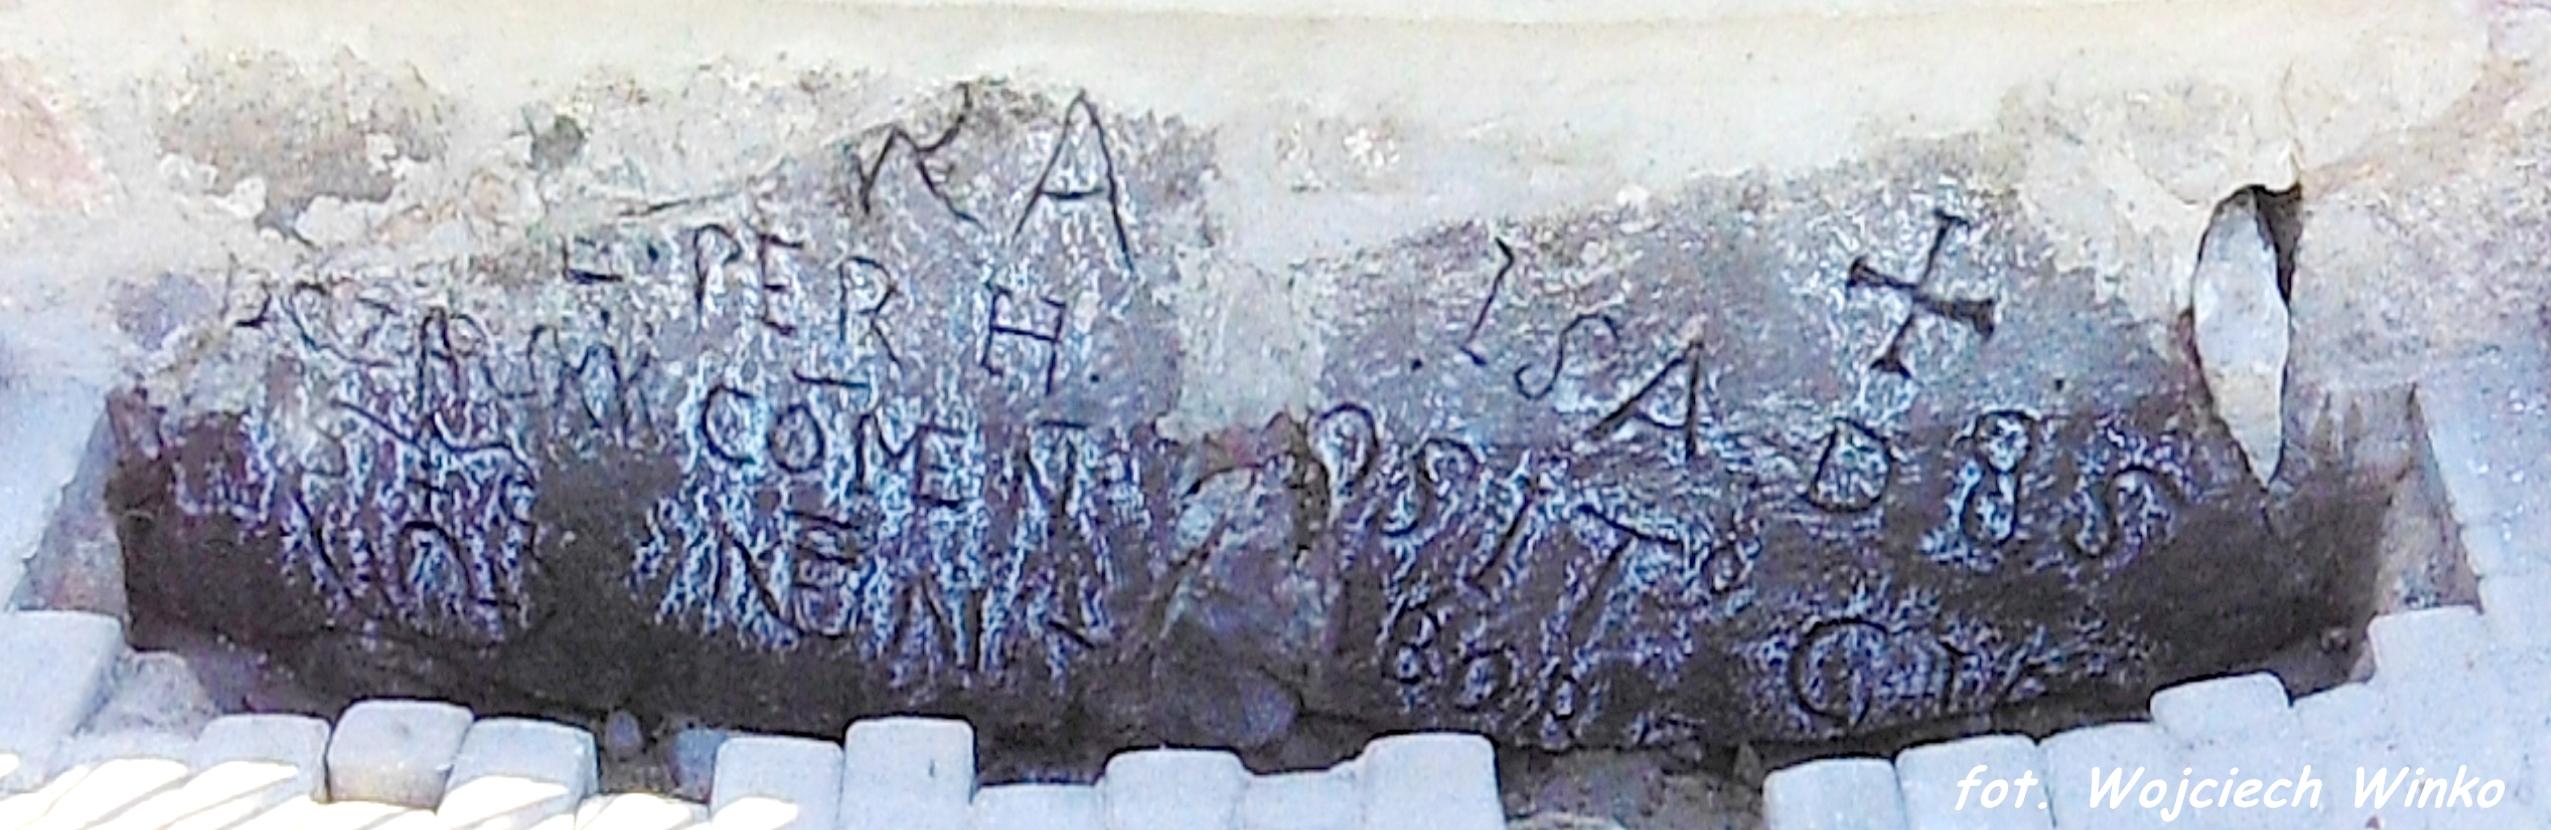 Kamienne bloki z wyrytą inskrypcją w fundamencie ogrodzenia